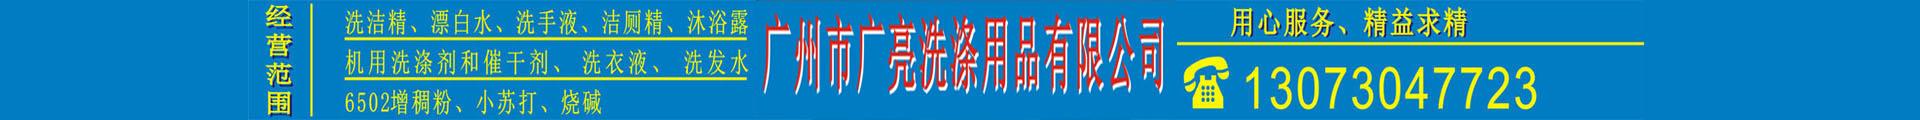 广州市广亮洗涤用品有限公司